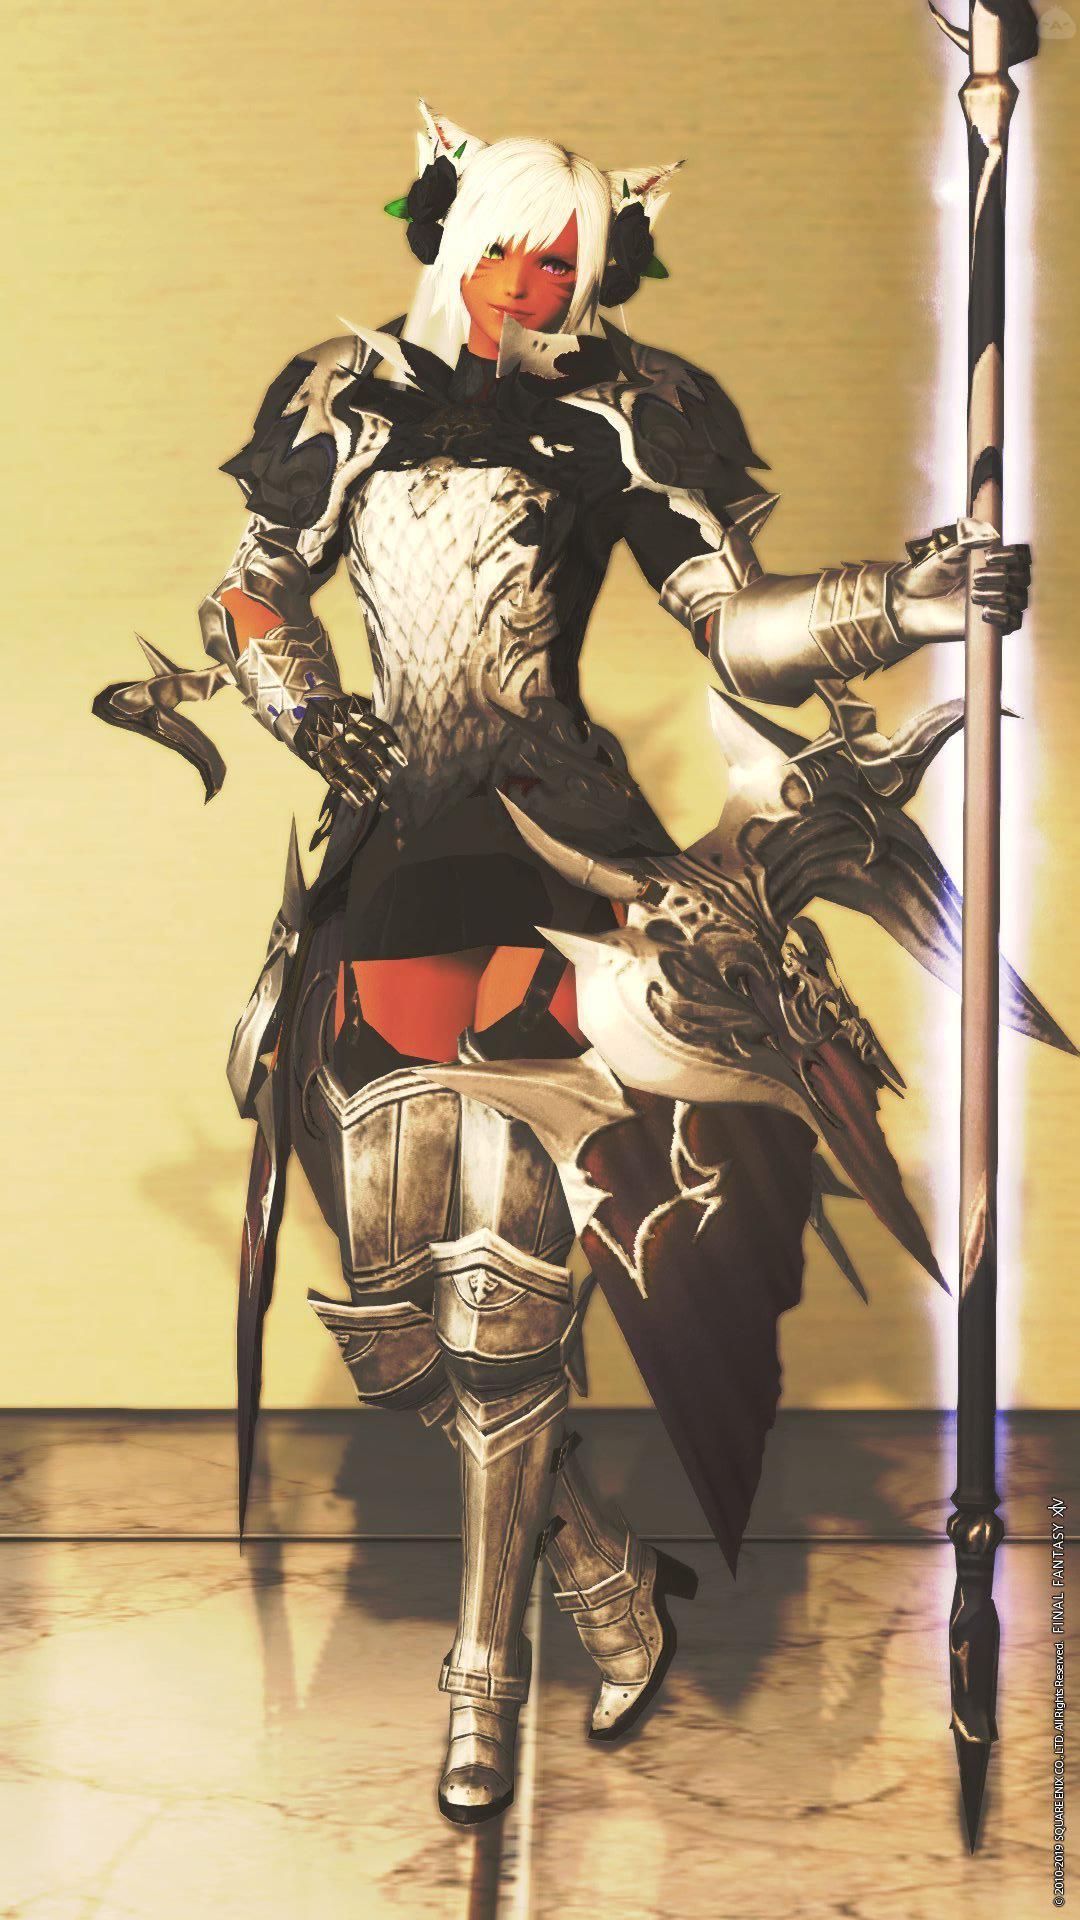 純白の竜騎士